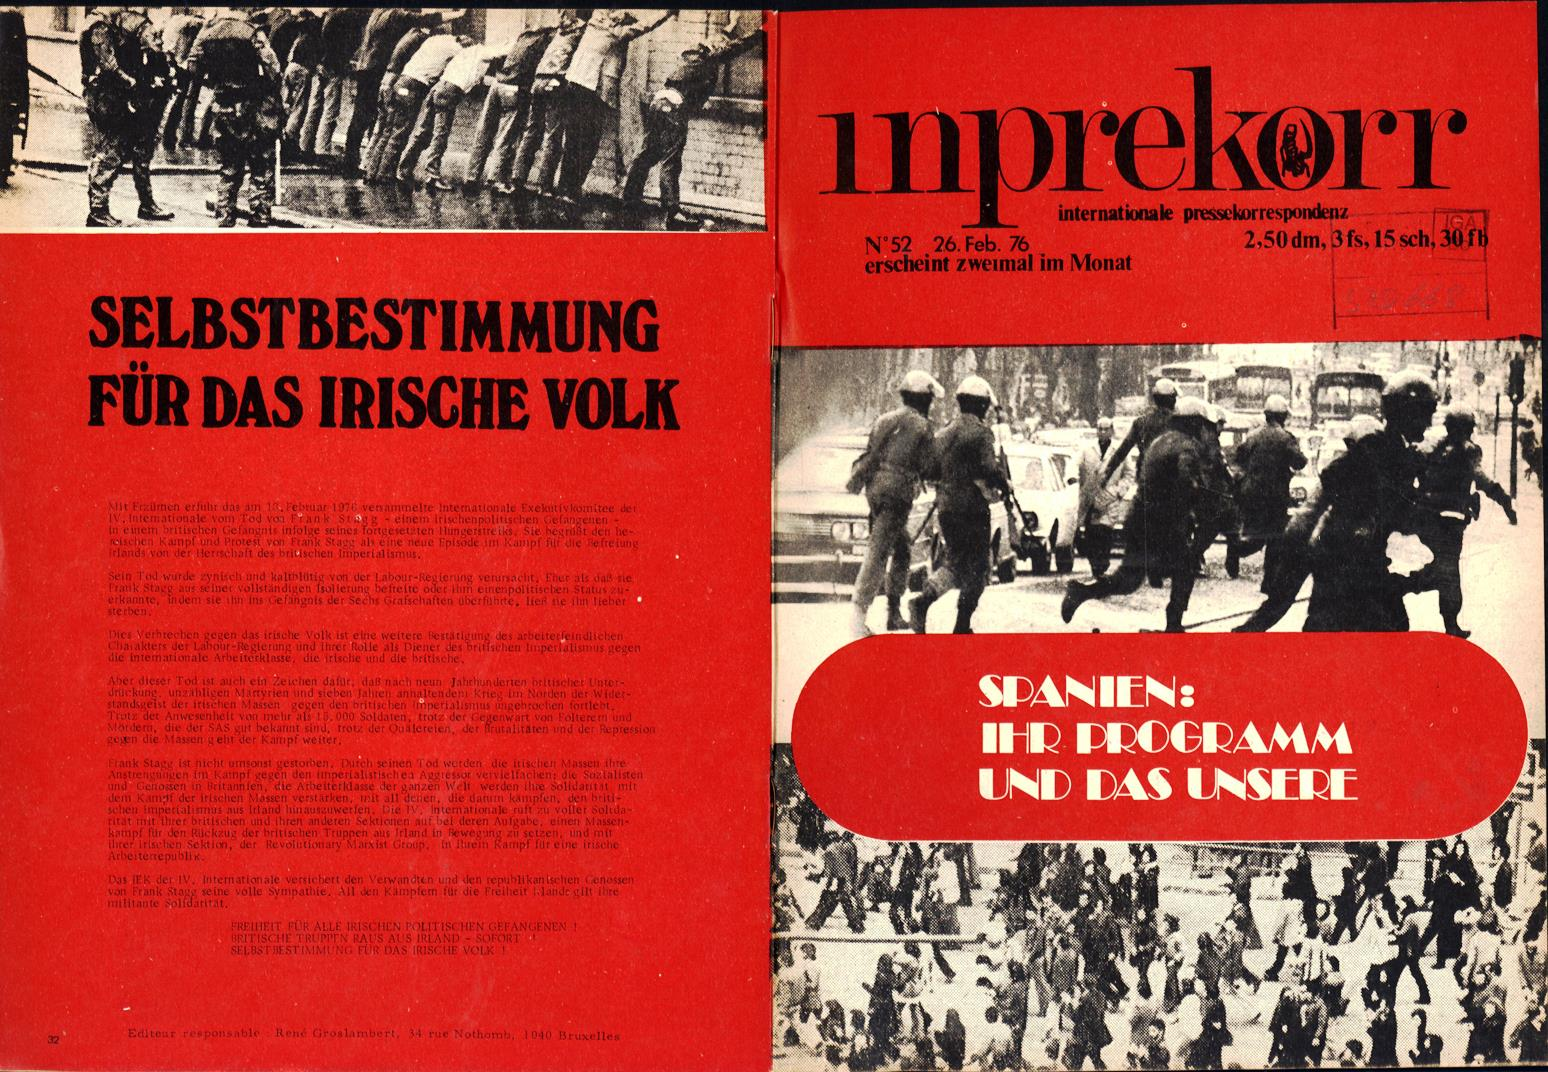 Inprekorr_19760226_052_001